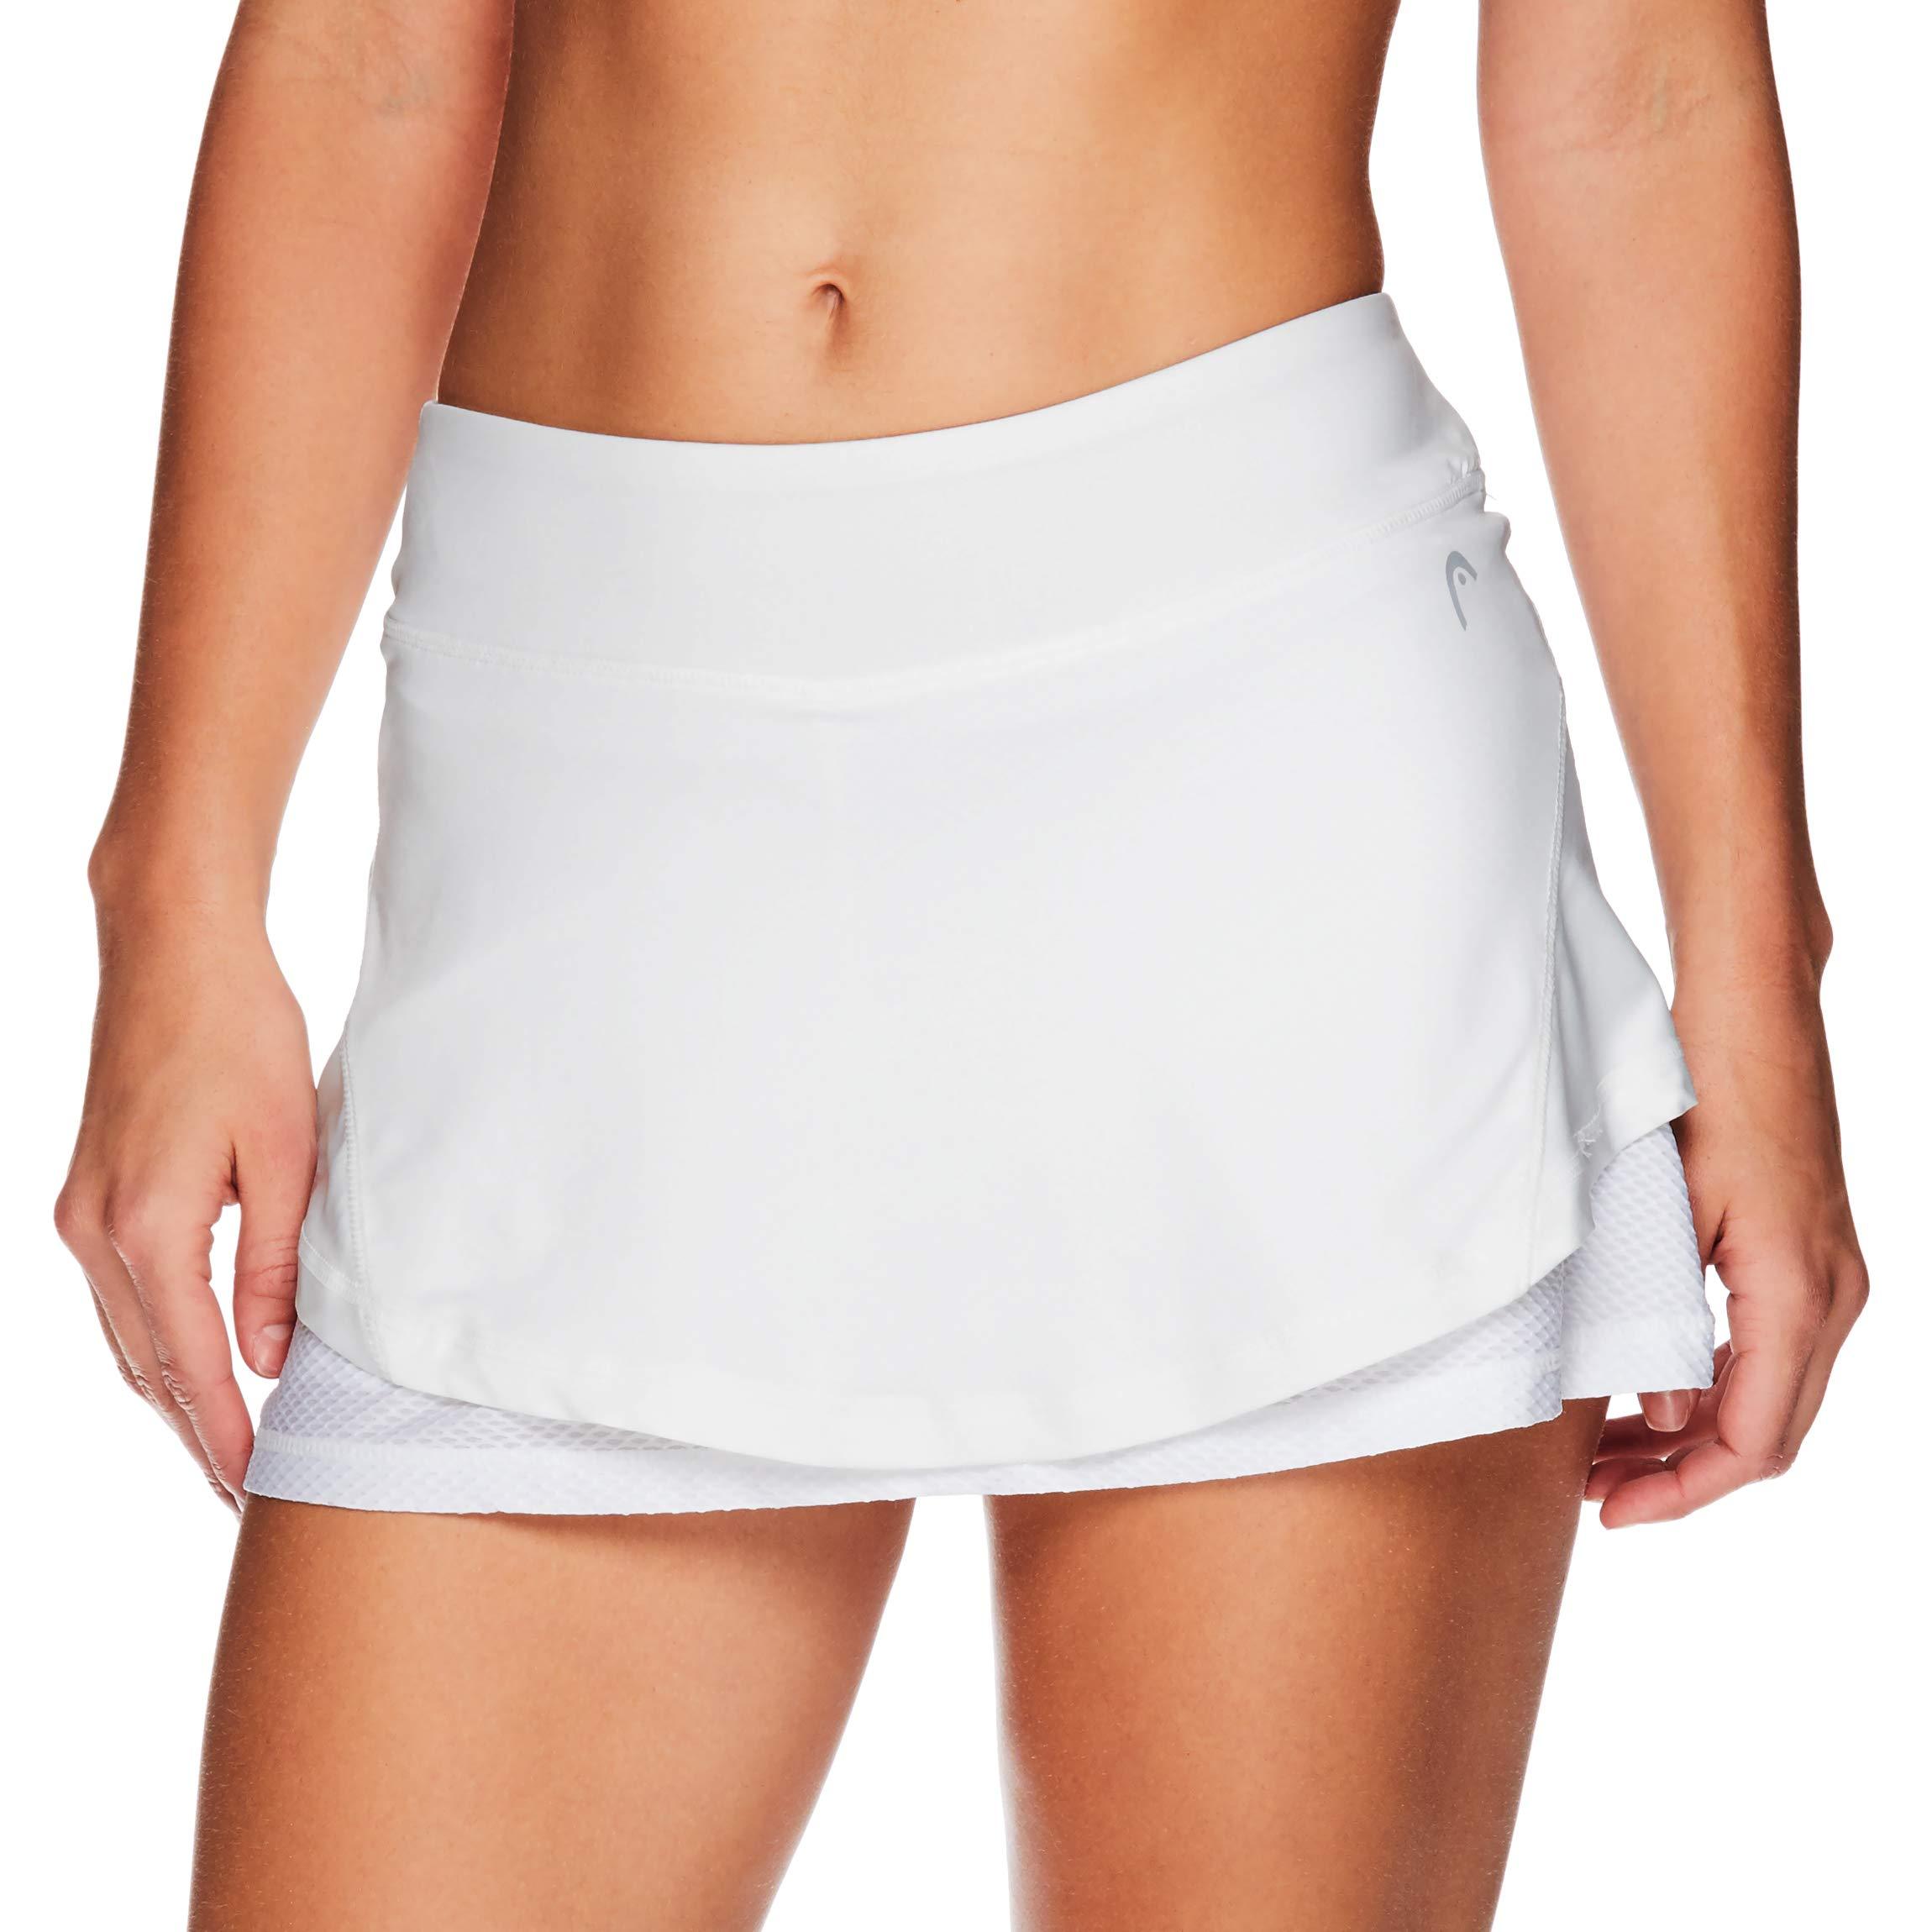 HEAD Women's Athletic Tennis Skort - Performance Training & Running Skirt - Valiant Stark White, Large